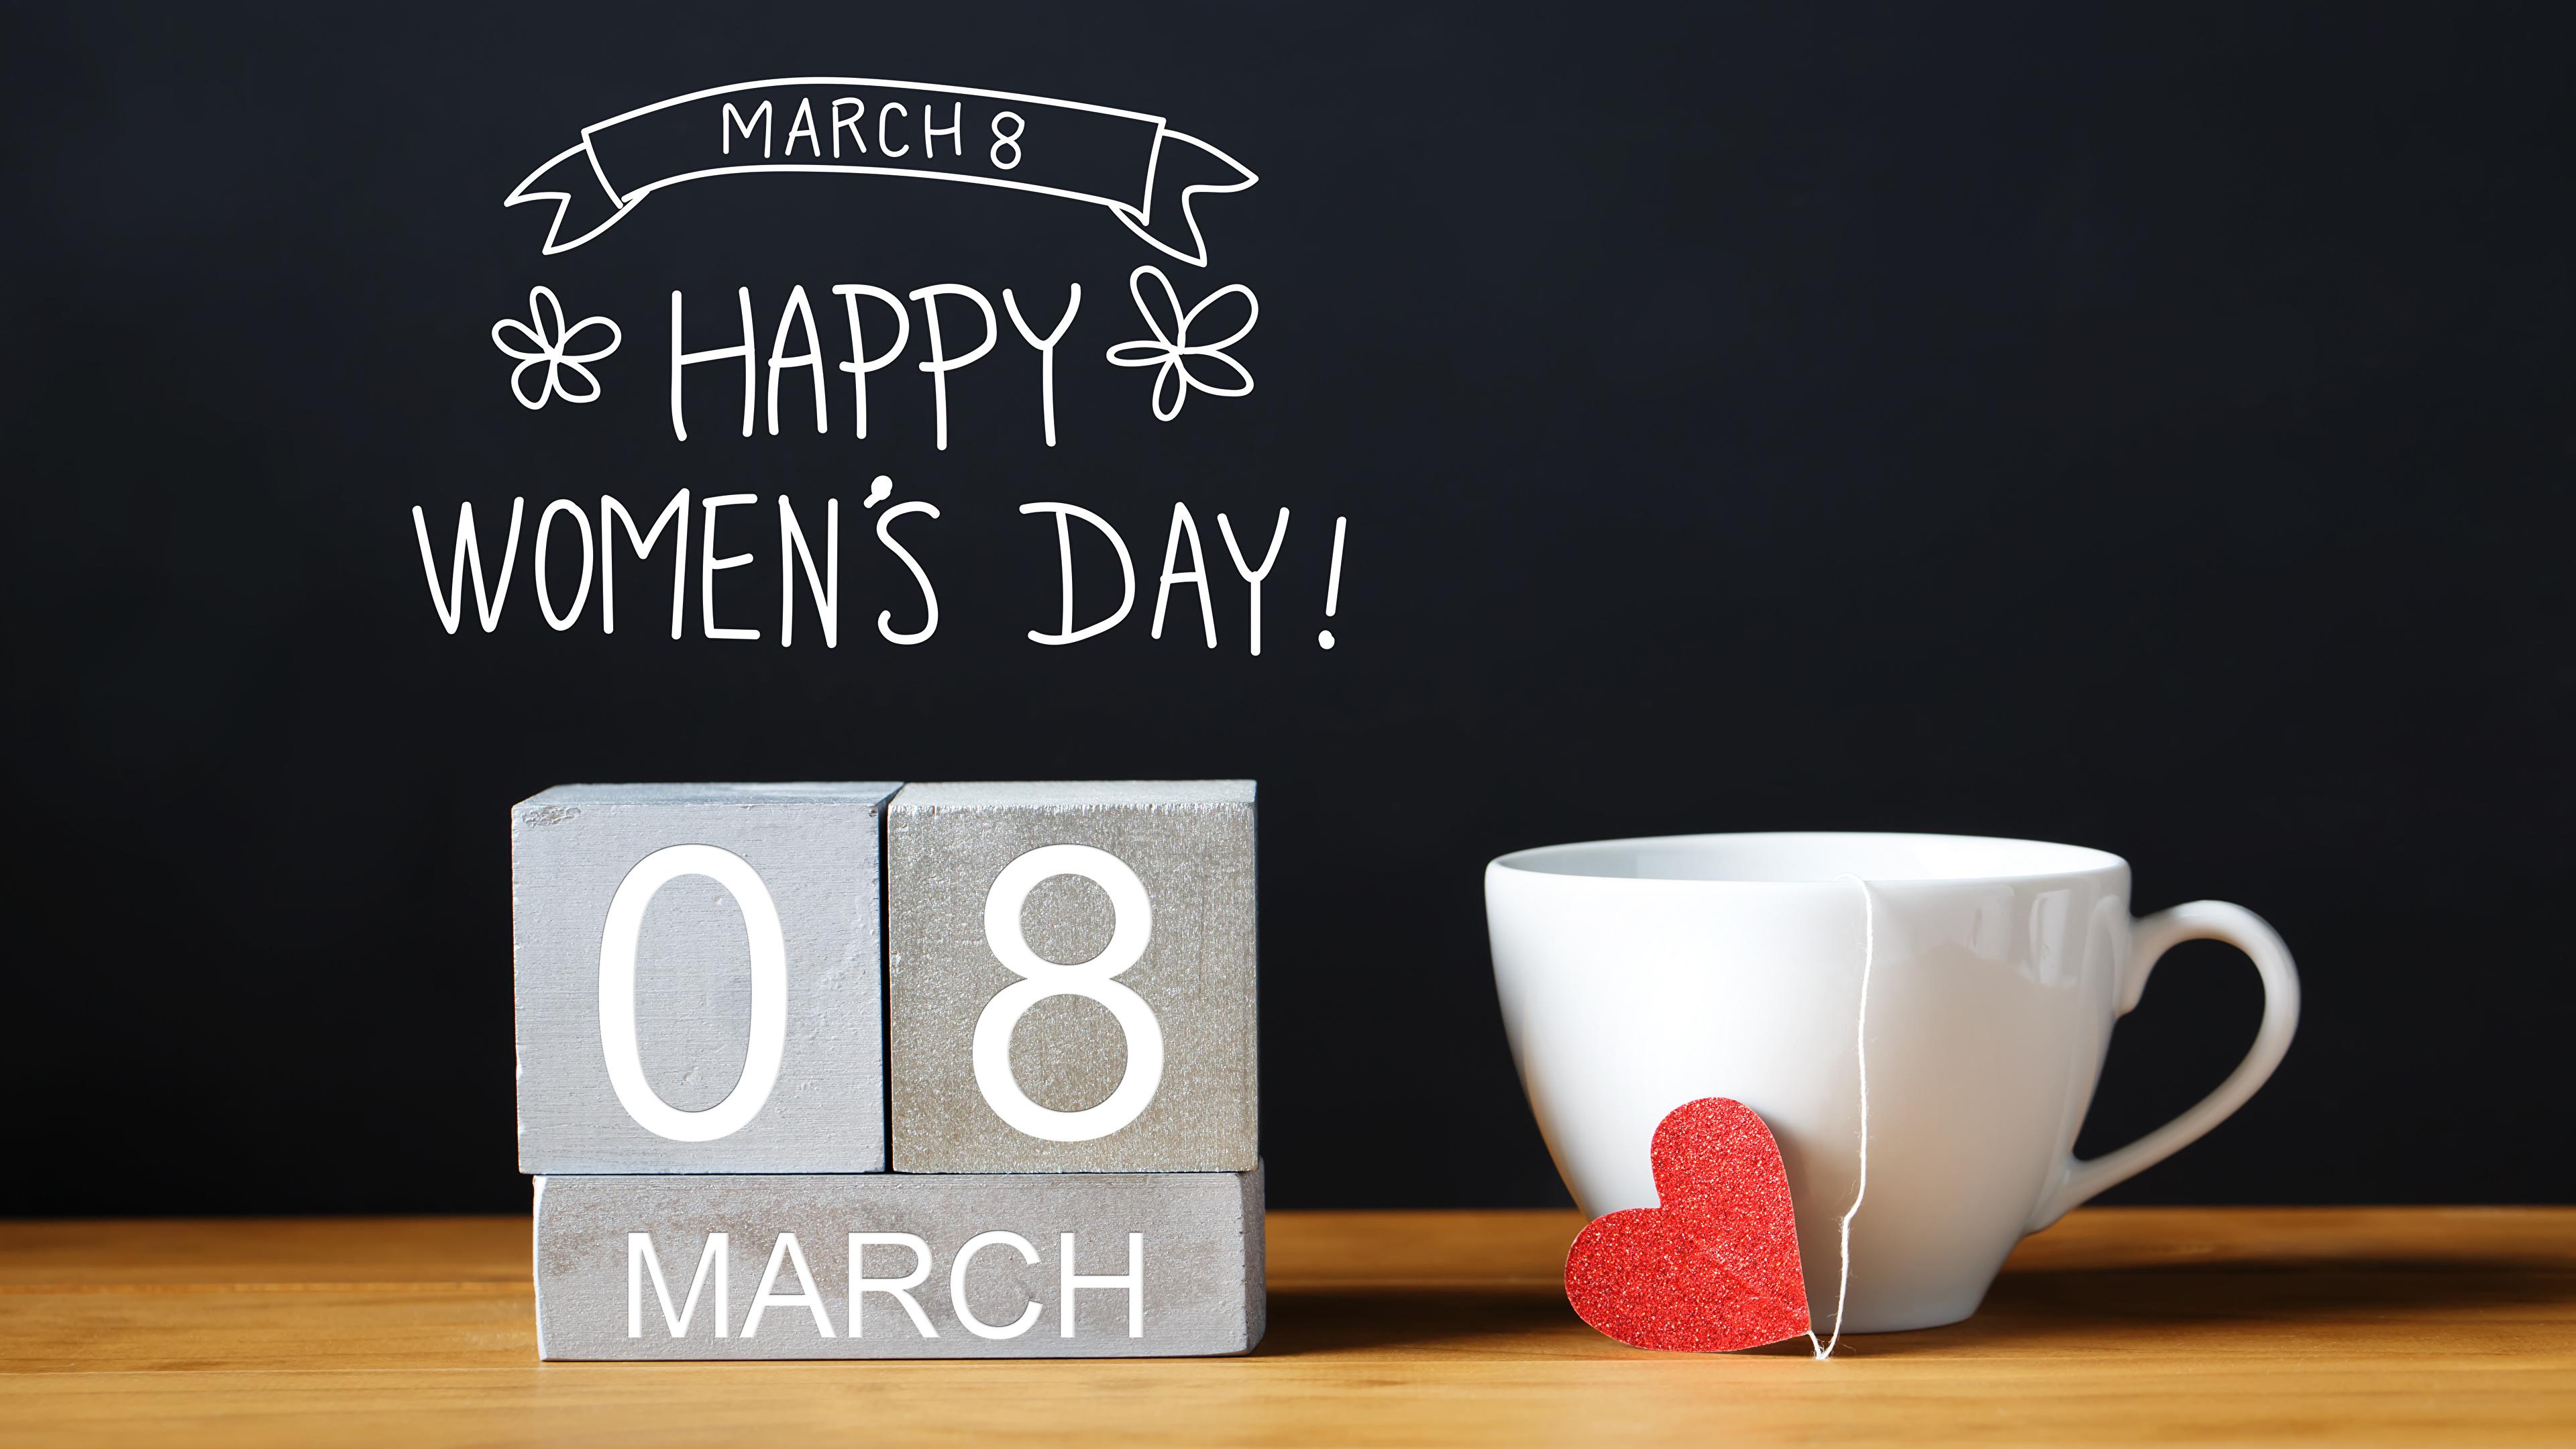 Картинки 8 марта английская Сердце Пища чашке Черный фон 3840x2160 Международный женский день инглийские Английский серце сердца сердечко Еда Чашка Продукты питания на черном фоне